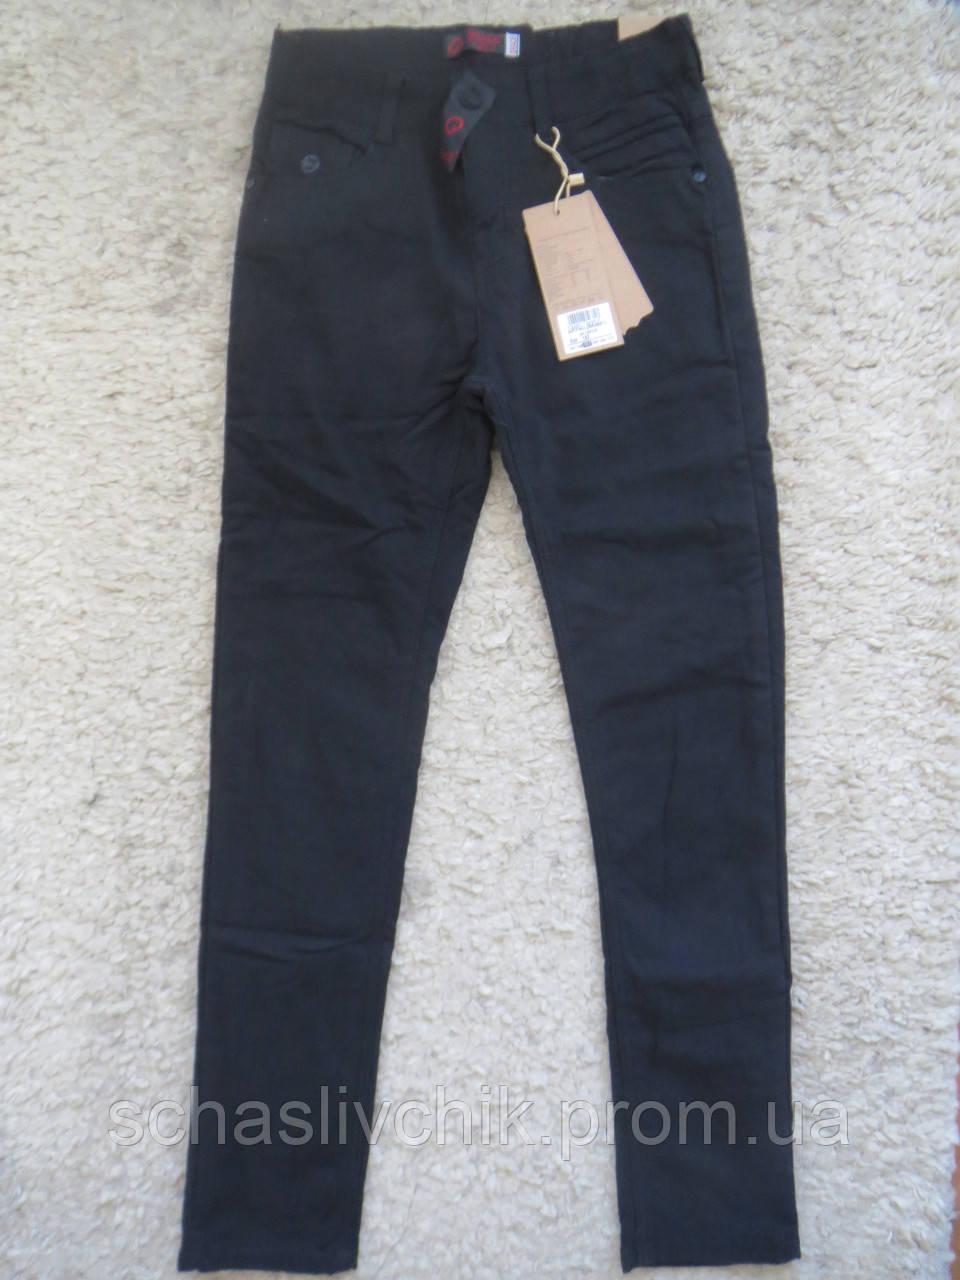 Котоновые брюки, Джинсы для мальчиков на флисе с Венгрии оптом , размер 140-170, фирма Grace